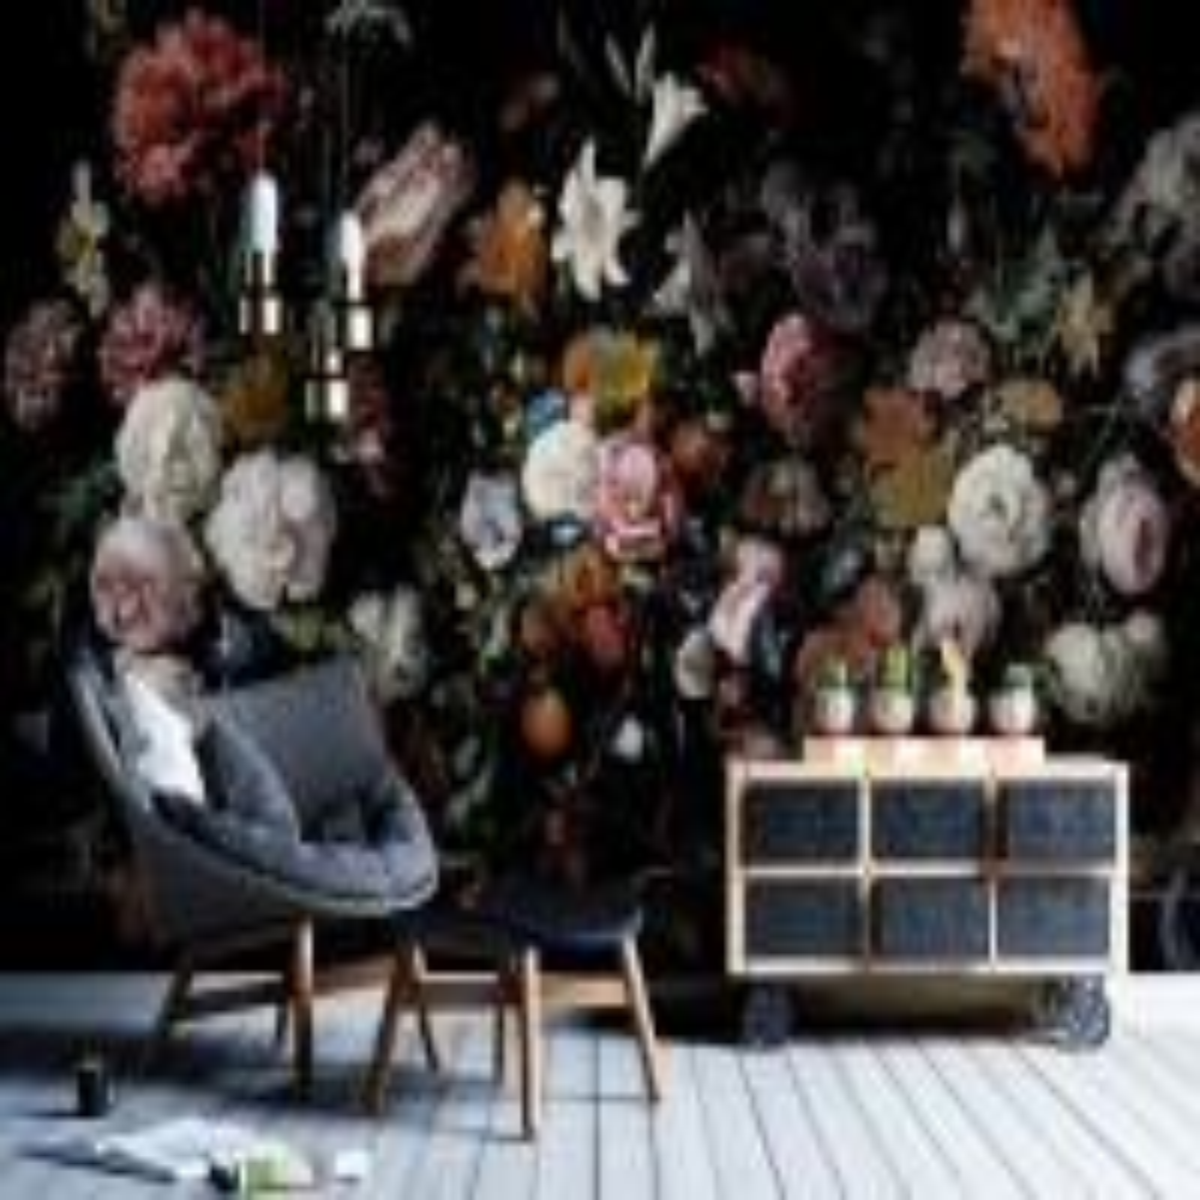 Dutch Flower Wallpaper Mural